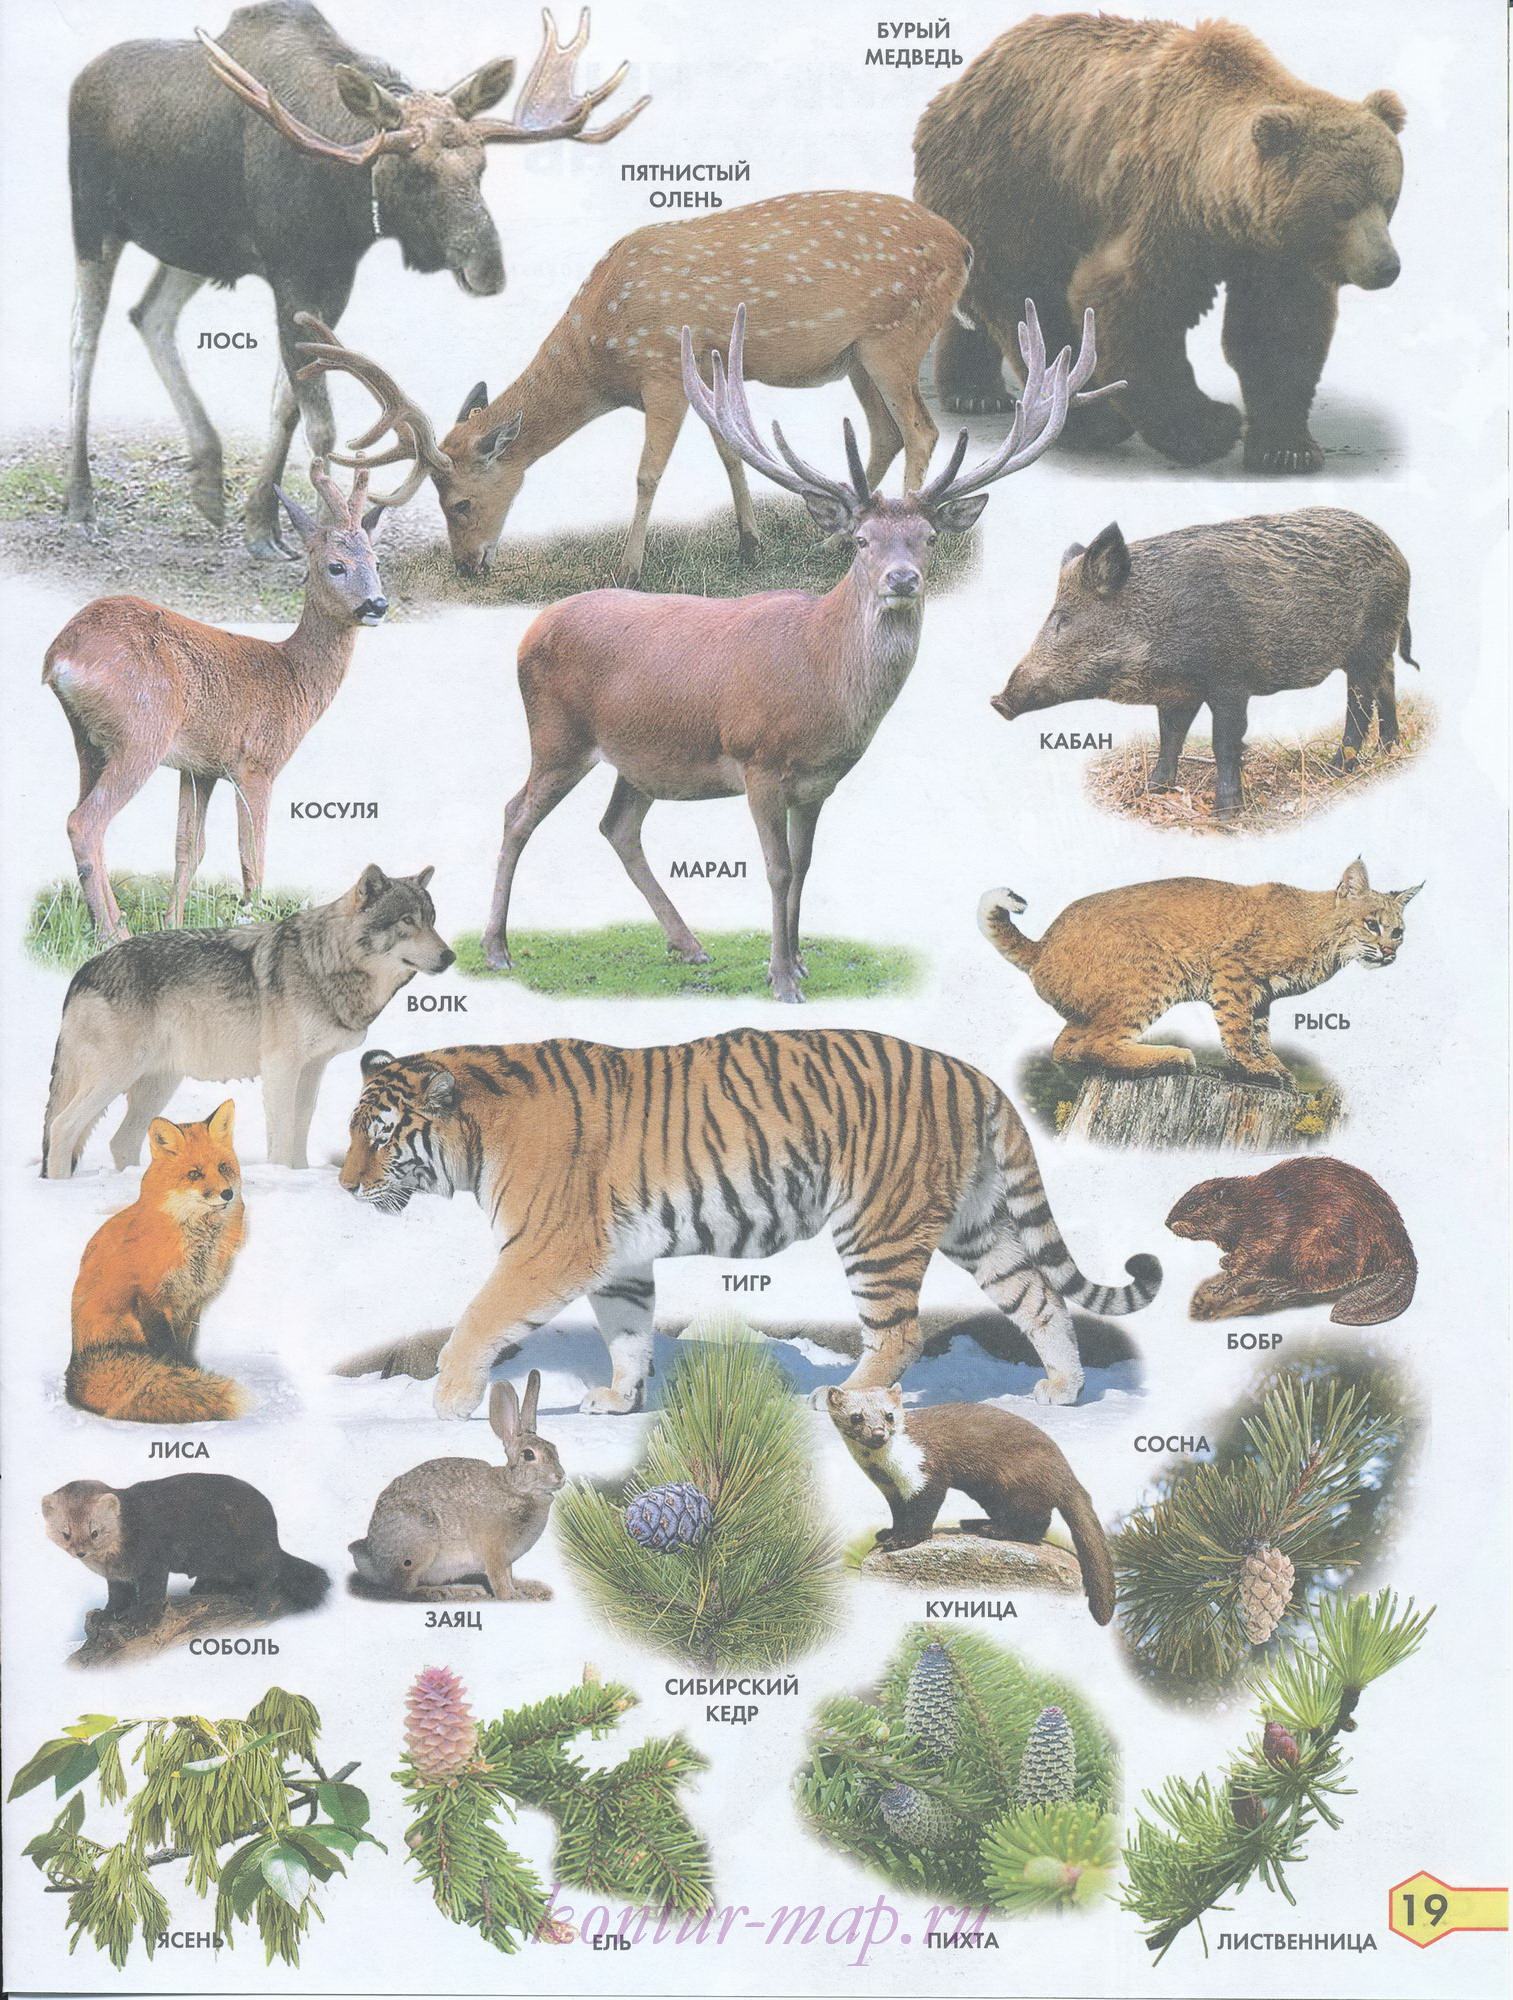 Растения и животные лесной полосы